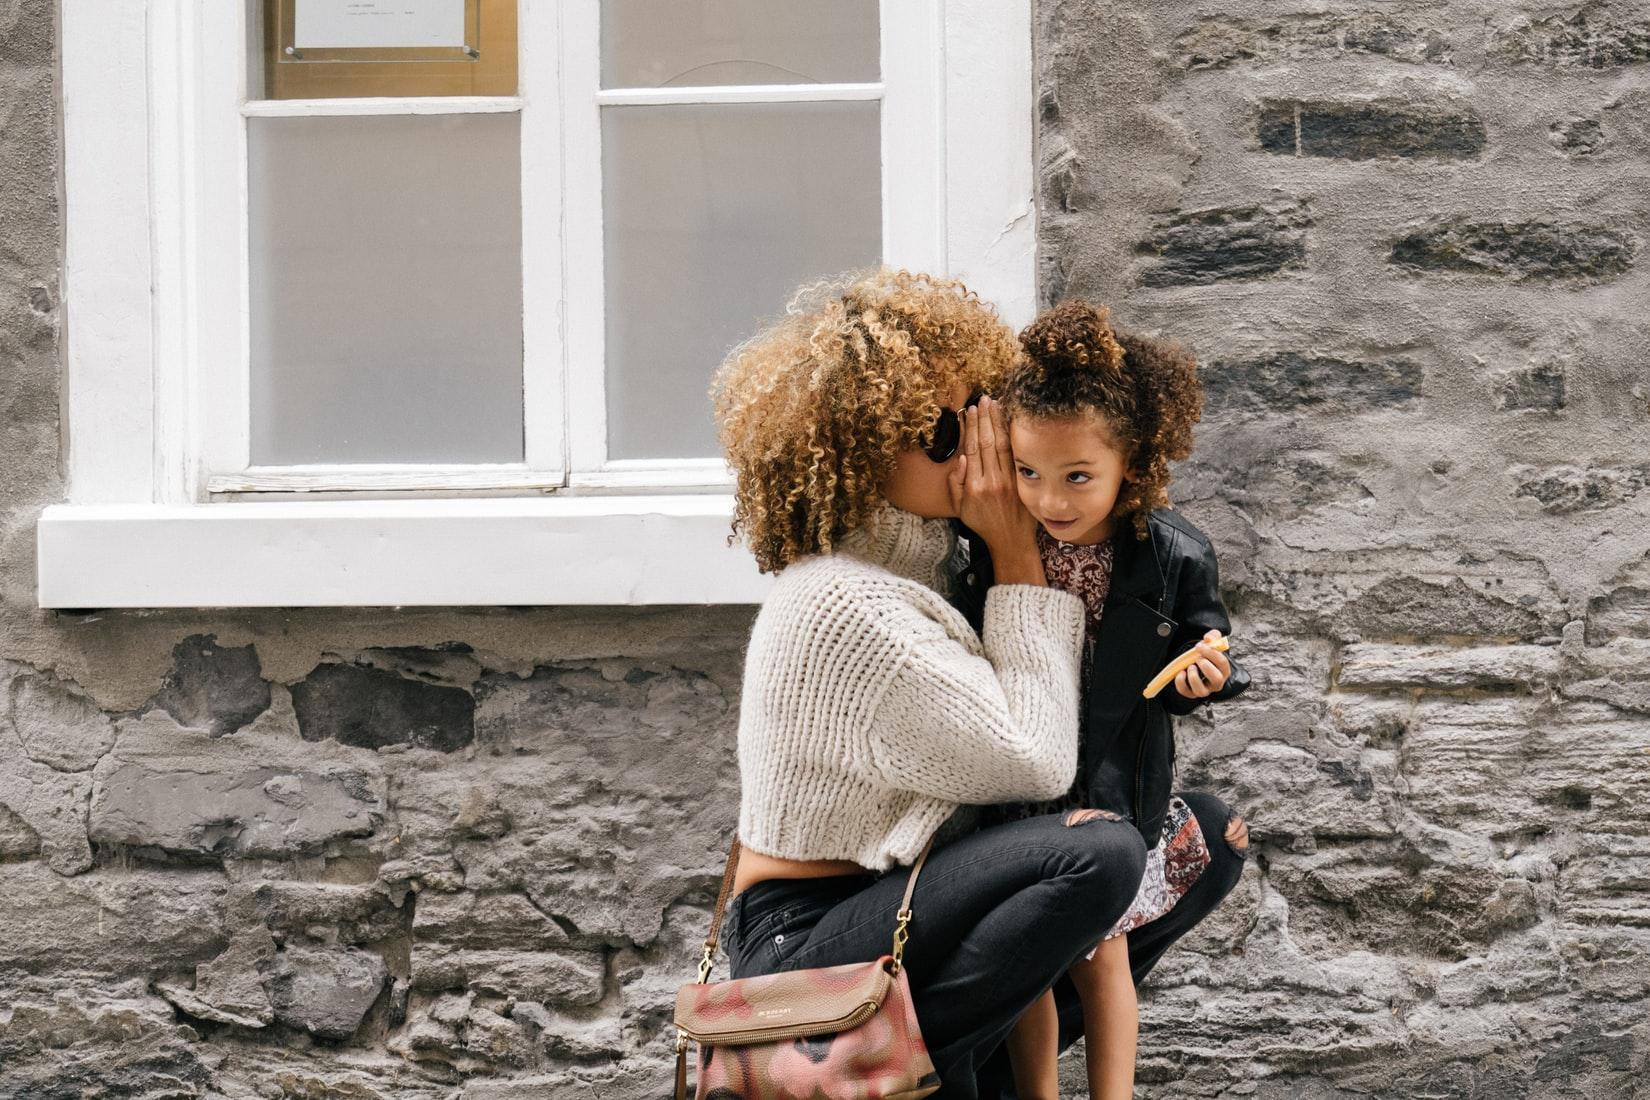 gastouder met donkere krullen knuffels oppaskindje buiten in de zon knuffelt kindje en de gastouder fluistert een geheimpje in het oor van het meisje van 6 jaar oud. De gastouder staat voor het kantoor van Nanny Nina